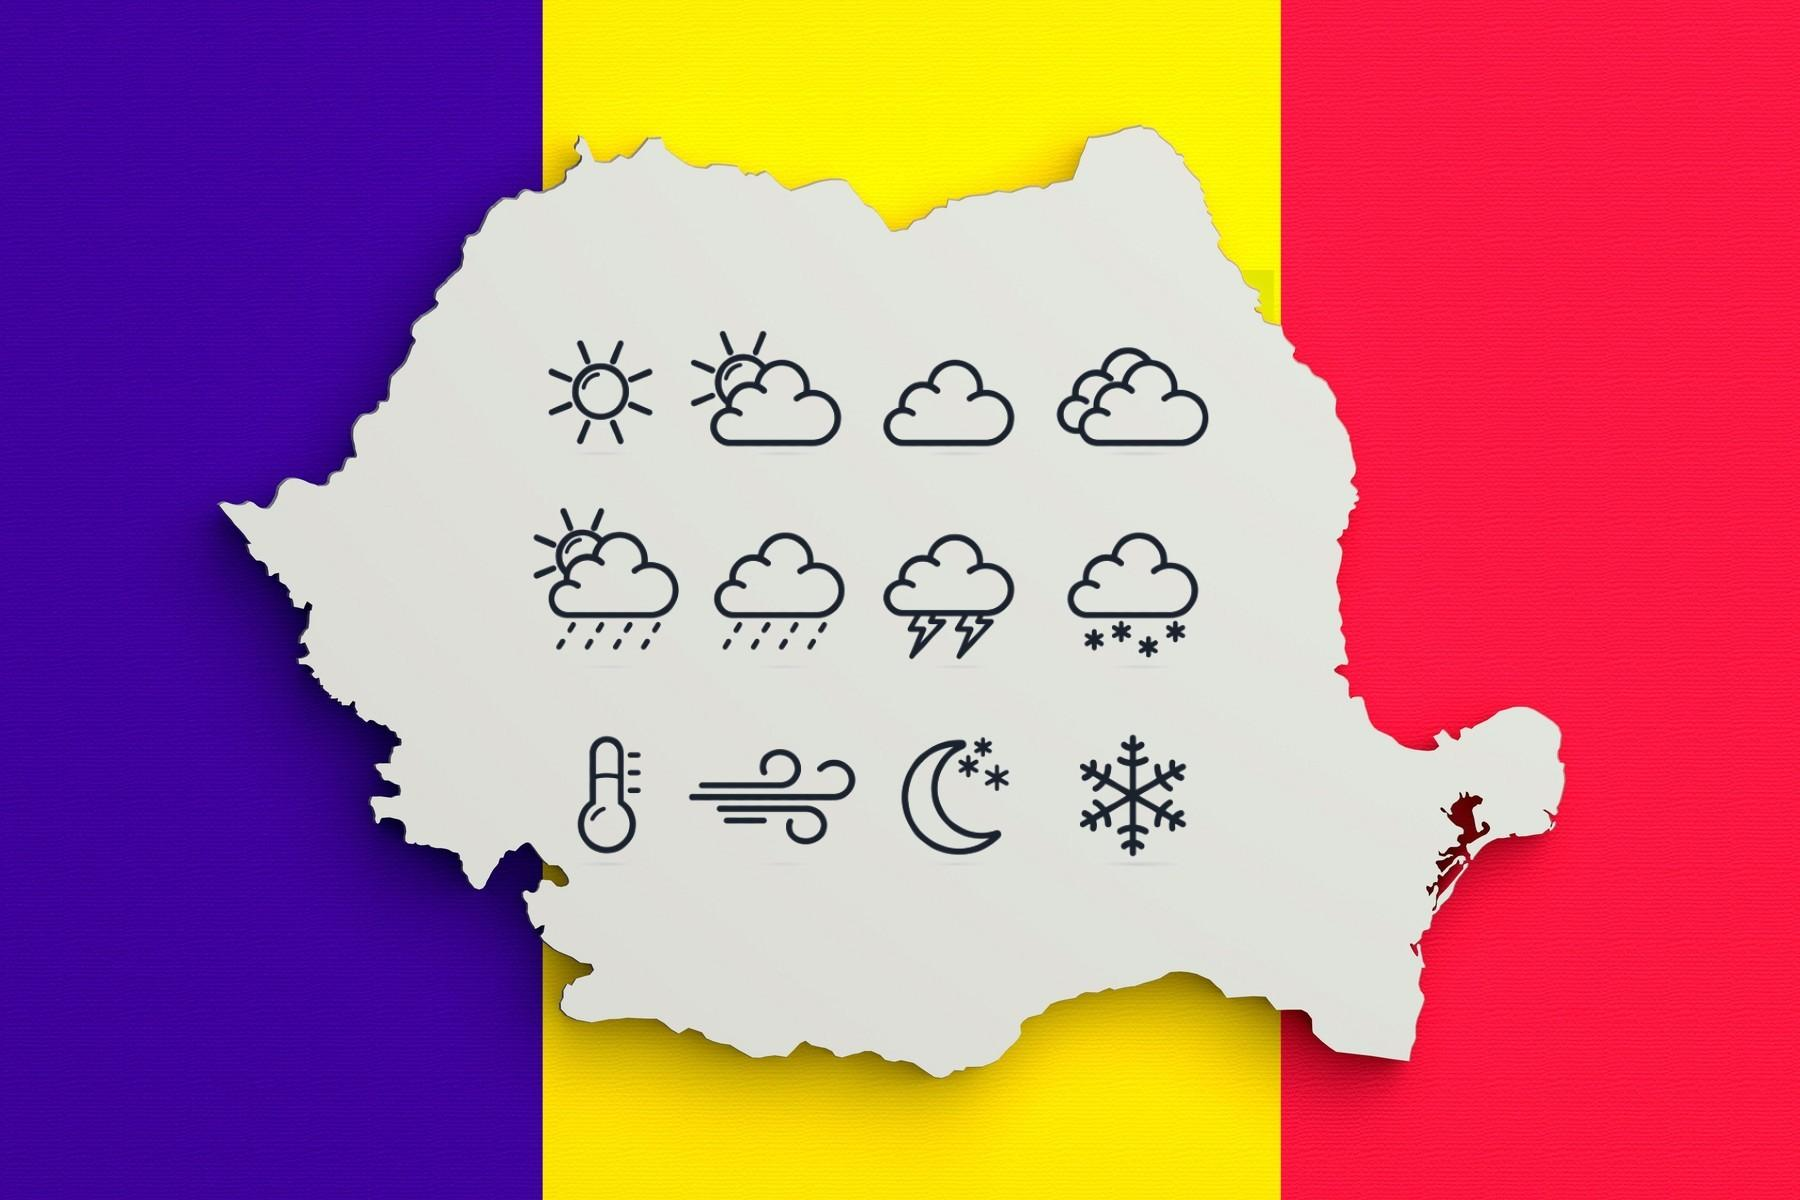 Prognoza meteo 19 ianuarie 2021. Cum e vremea în România și care sunt previziunile ANM pentru astăzi